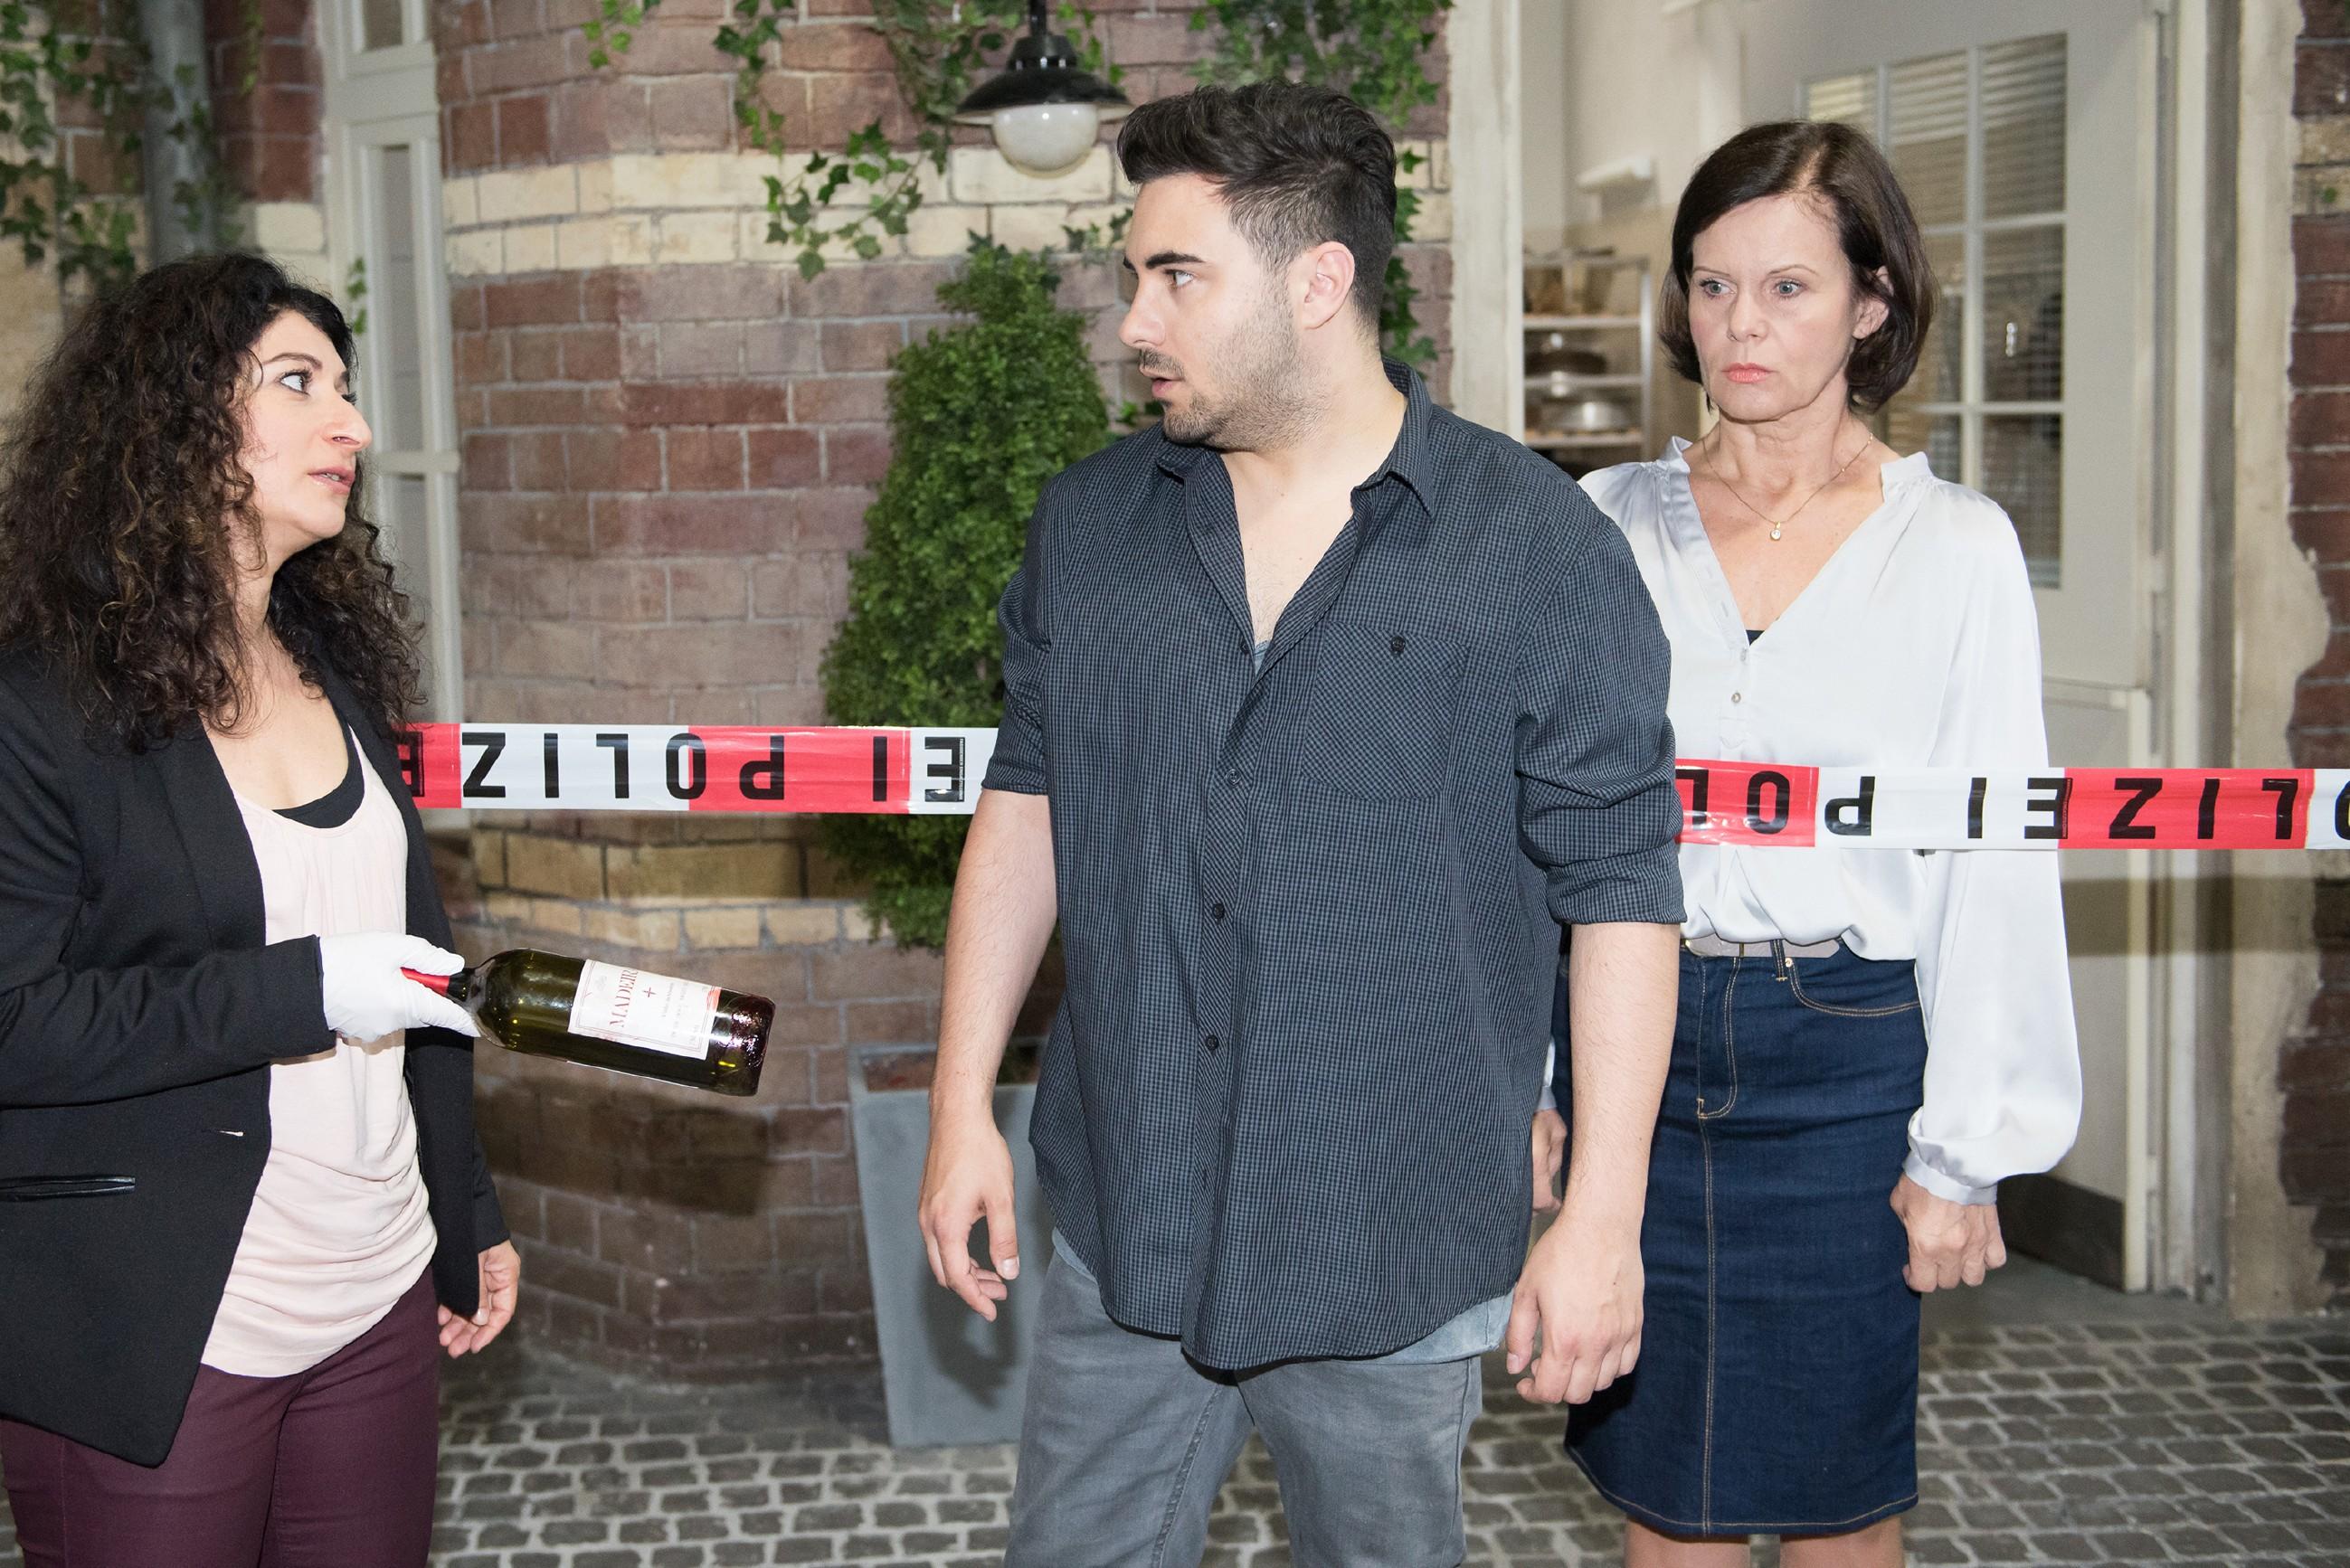 Irene (Petra Blossey, r.) bekommt mit, wie Easy (Lars Steinhöfel) durch die blutige Flasche mit Fionas Haaren in seinem Besitz von Kommissarin Yasemin Özer (Sermin Kayik) schwer belastet.